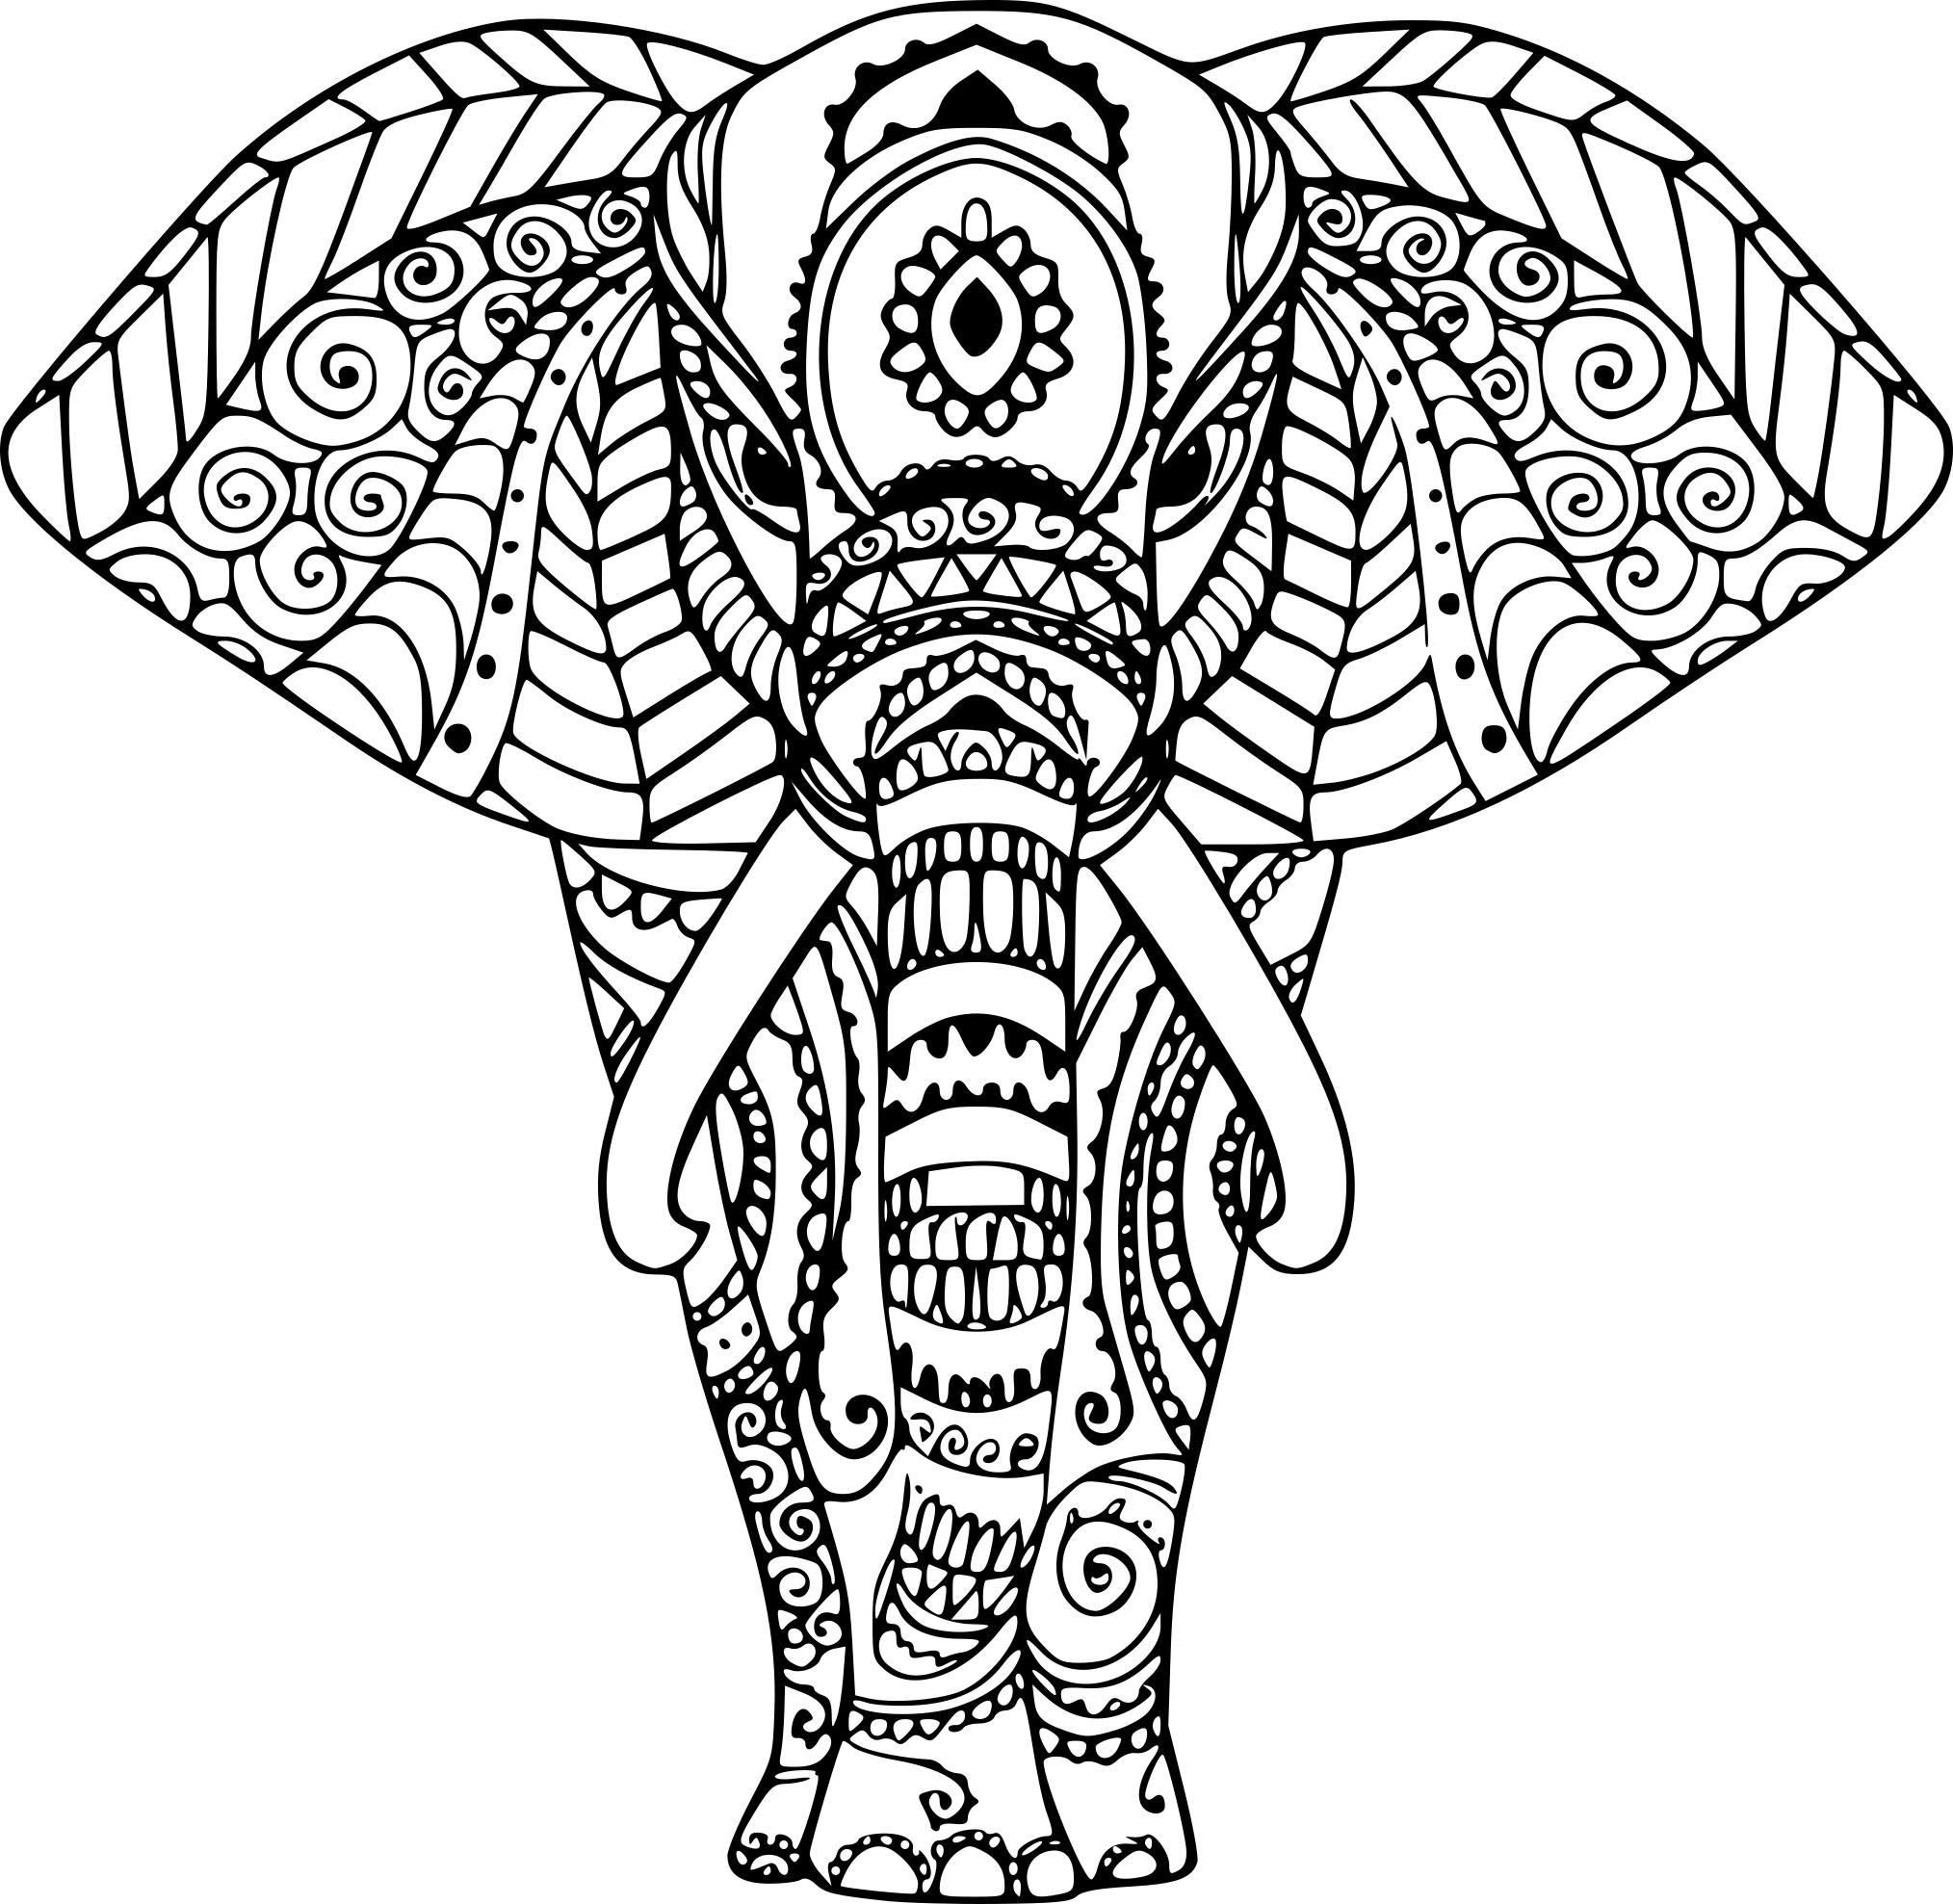 Coloriage Elephant Zen À Imprimer Sur Coloriages à Image Zen A Imprimer